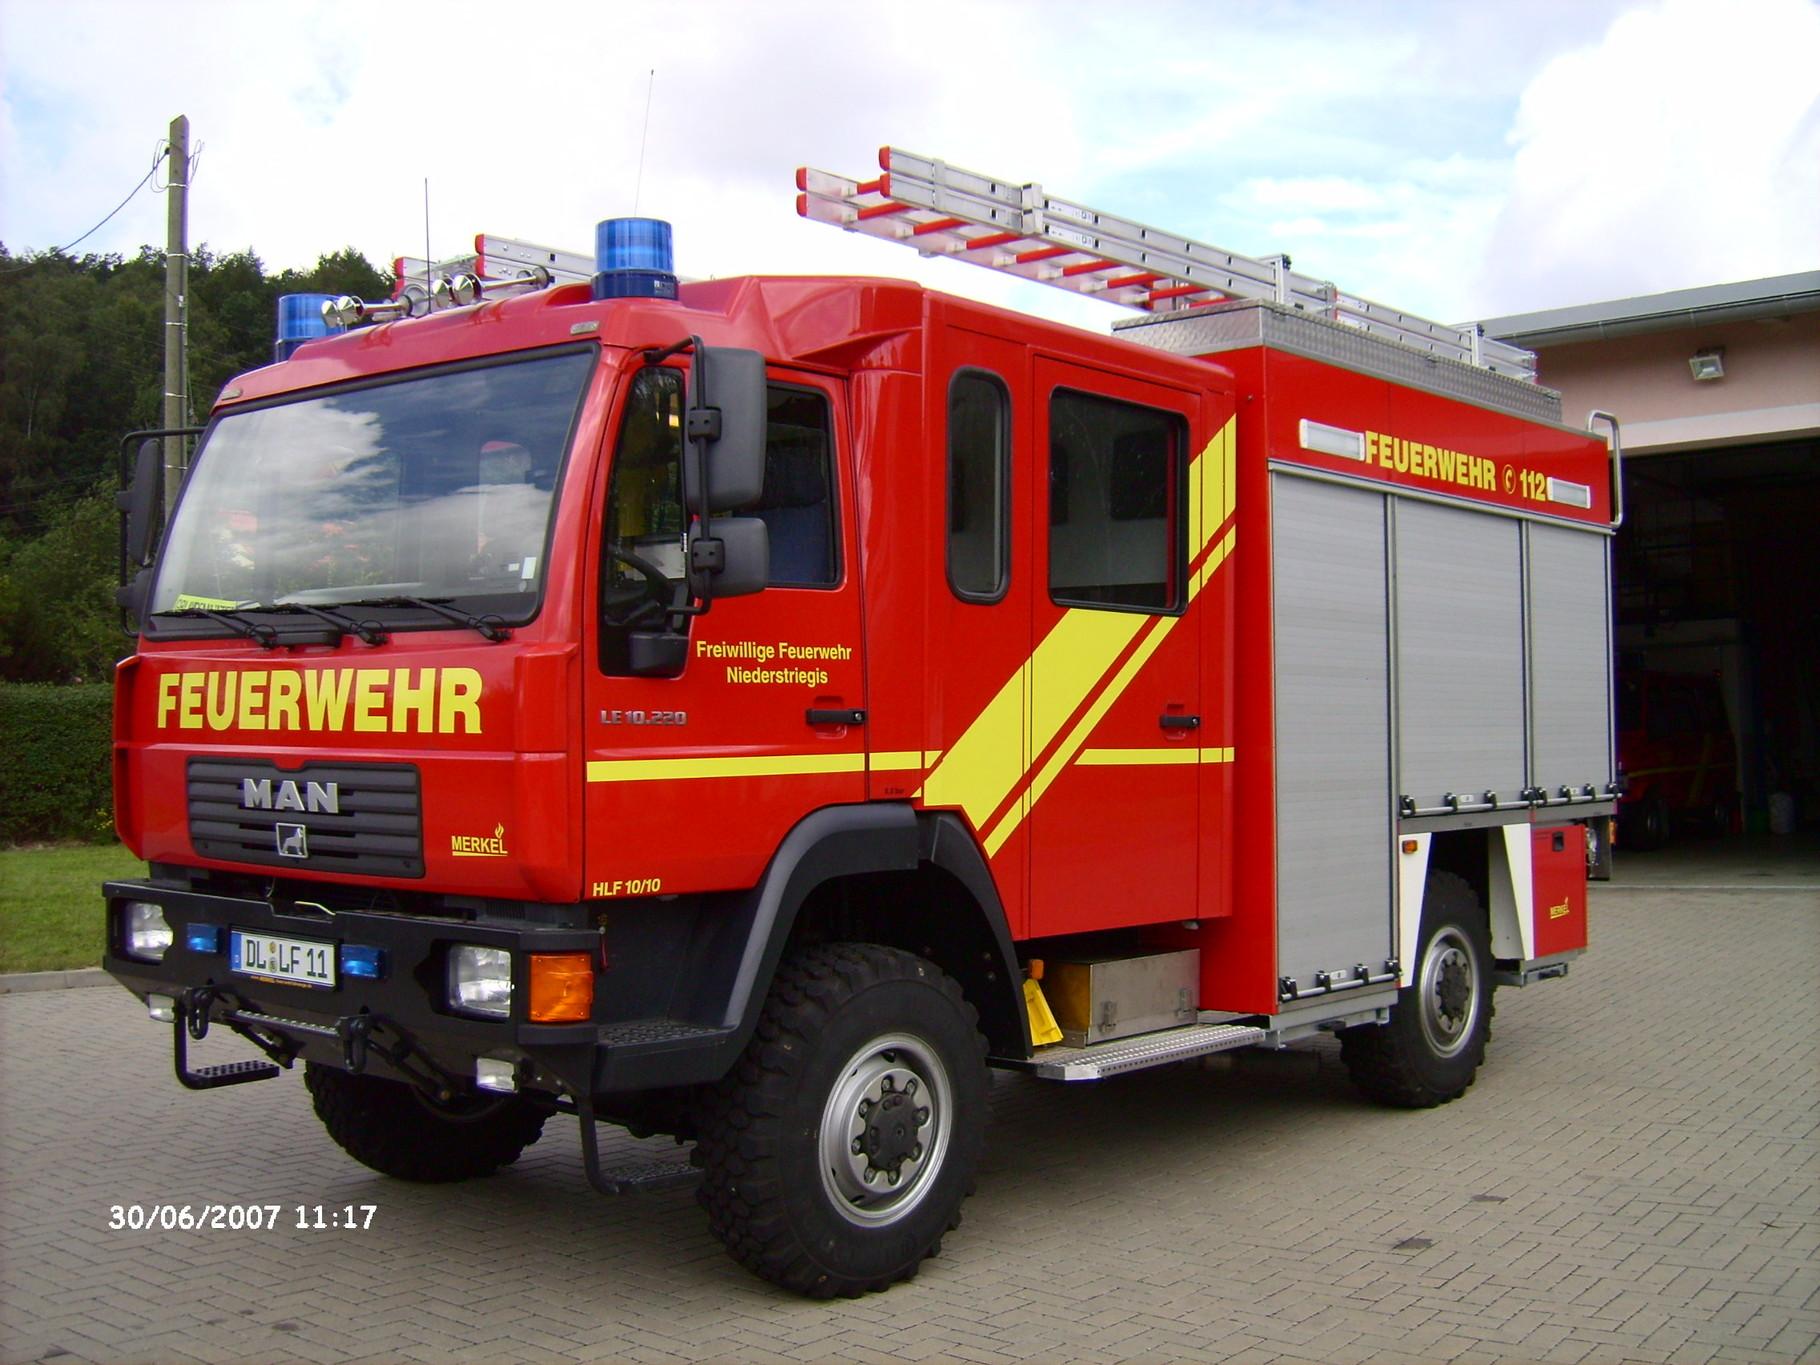 Feuerwehr Weiding